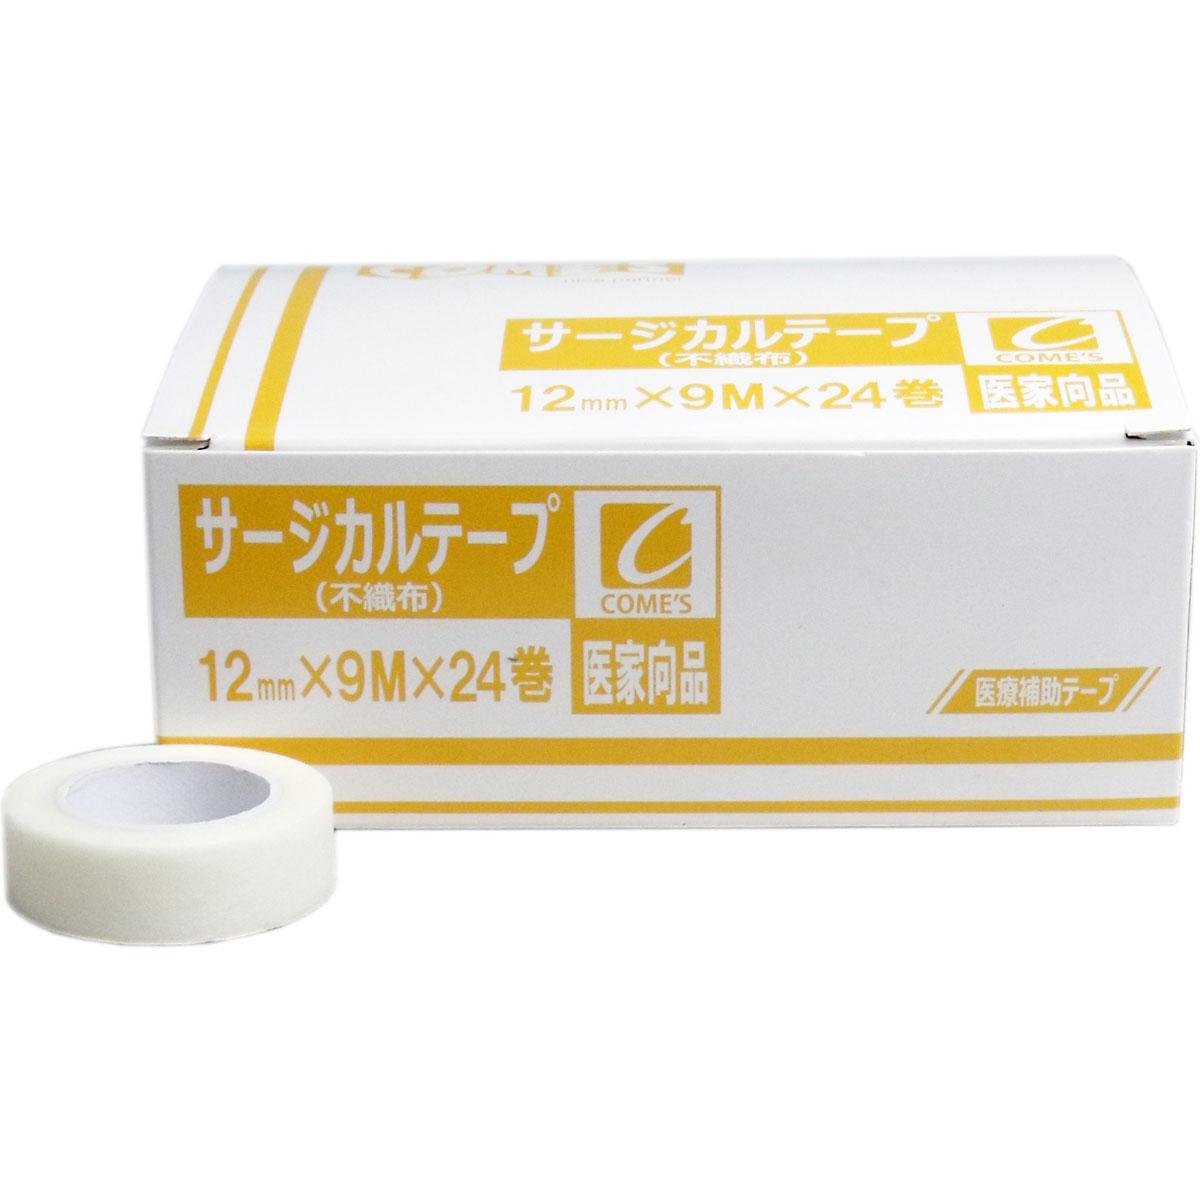 [9月25日まで特価]医家向品 サージカルテープ 不織布タイプ 12mm×9M×24巻